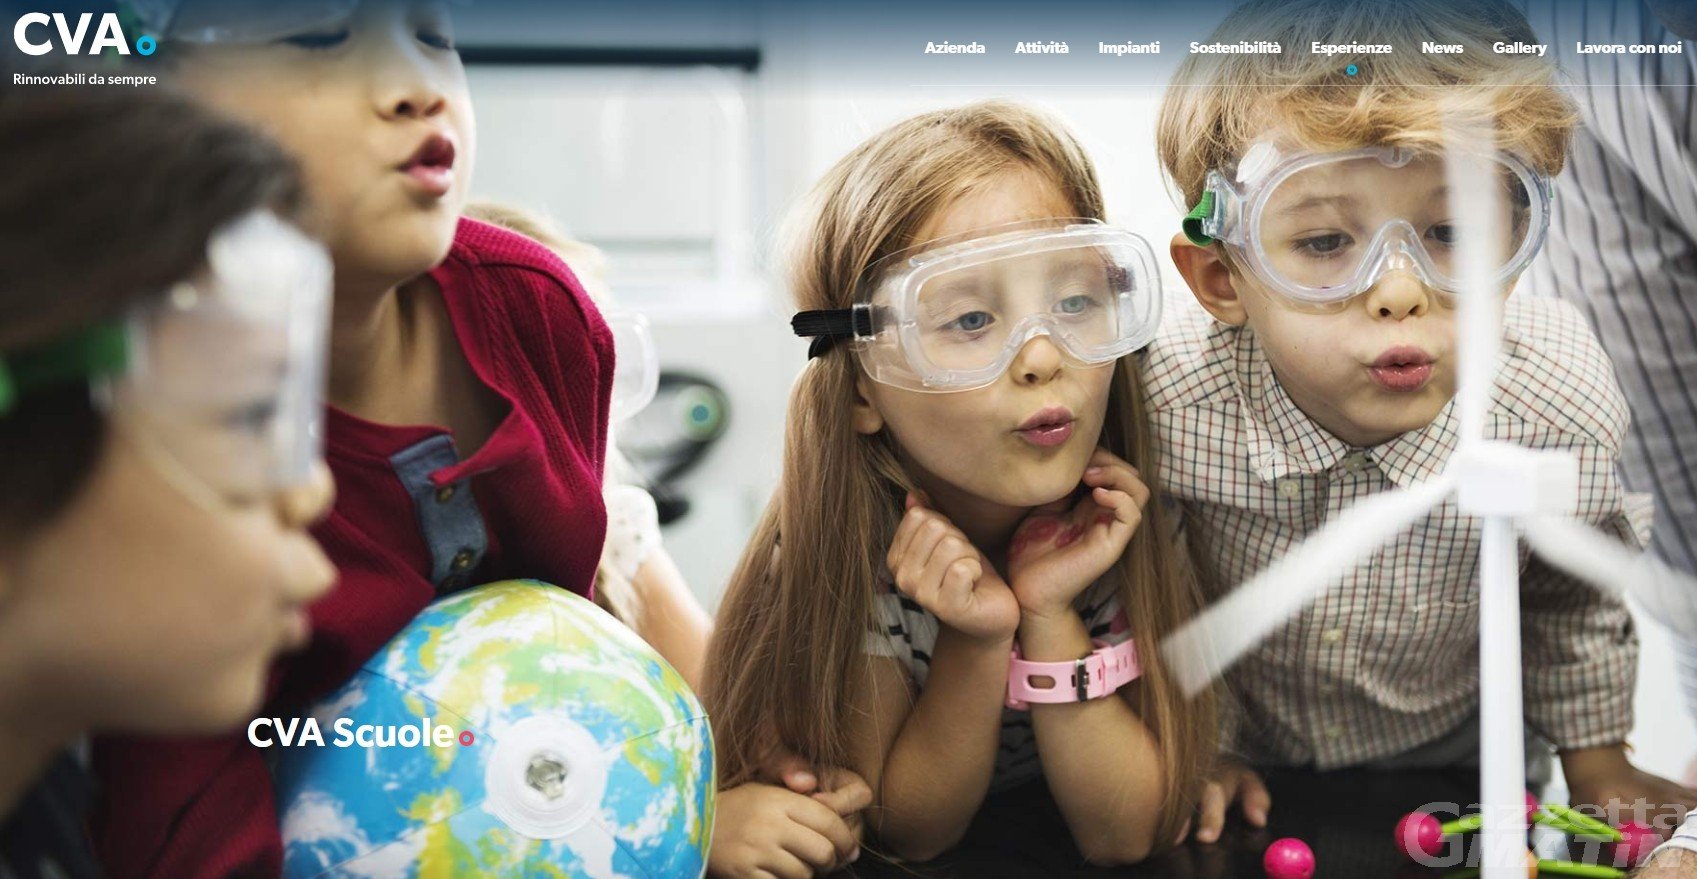 Energie rinnovabili: quattro iniziative di CVA per le nuove generazioni